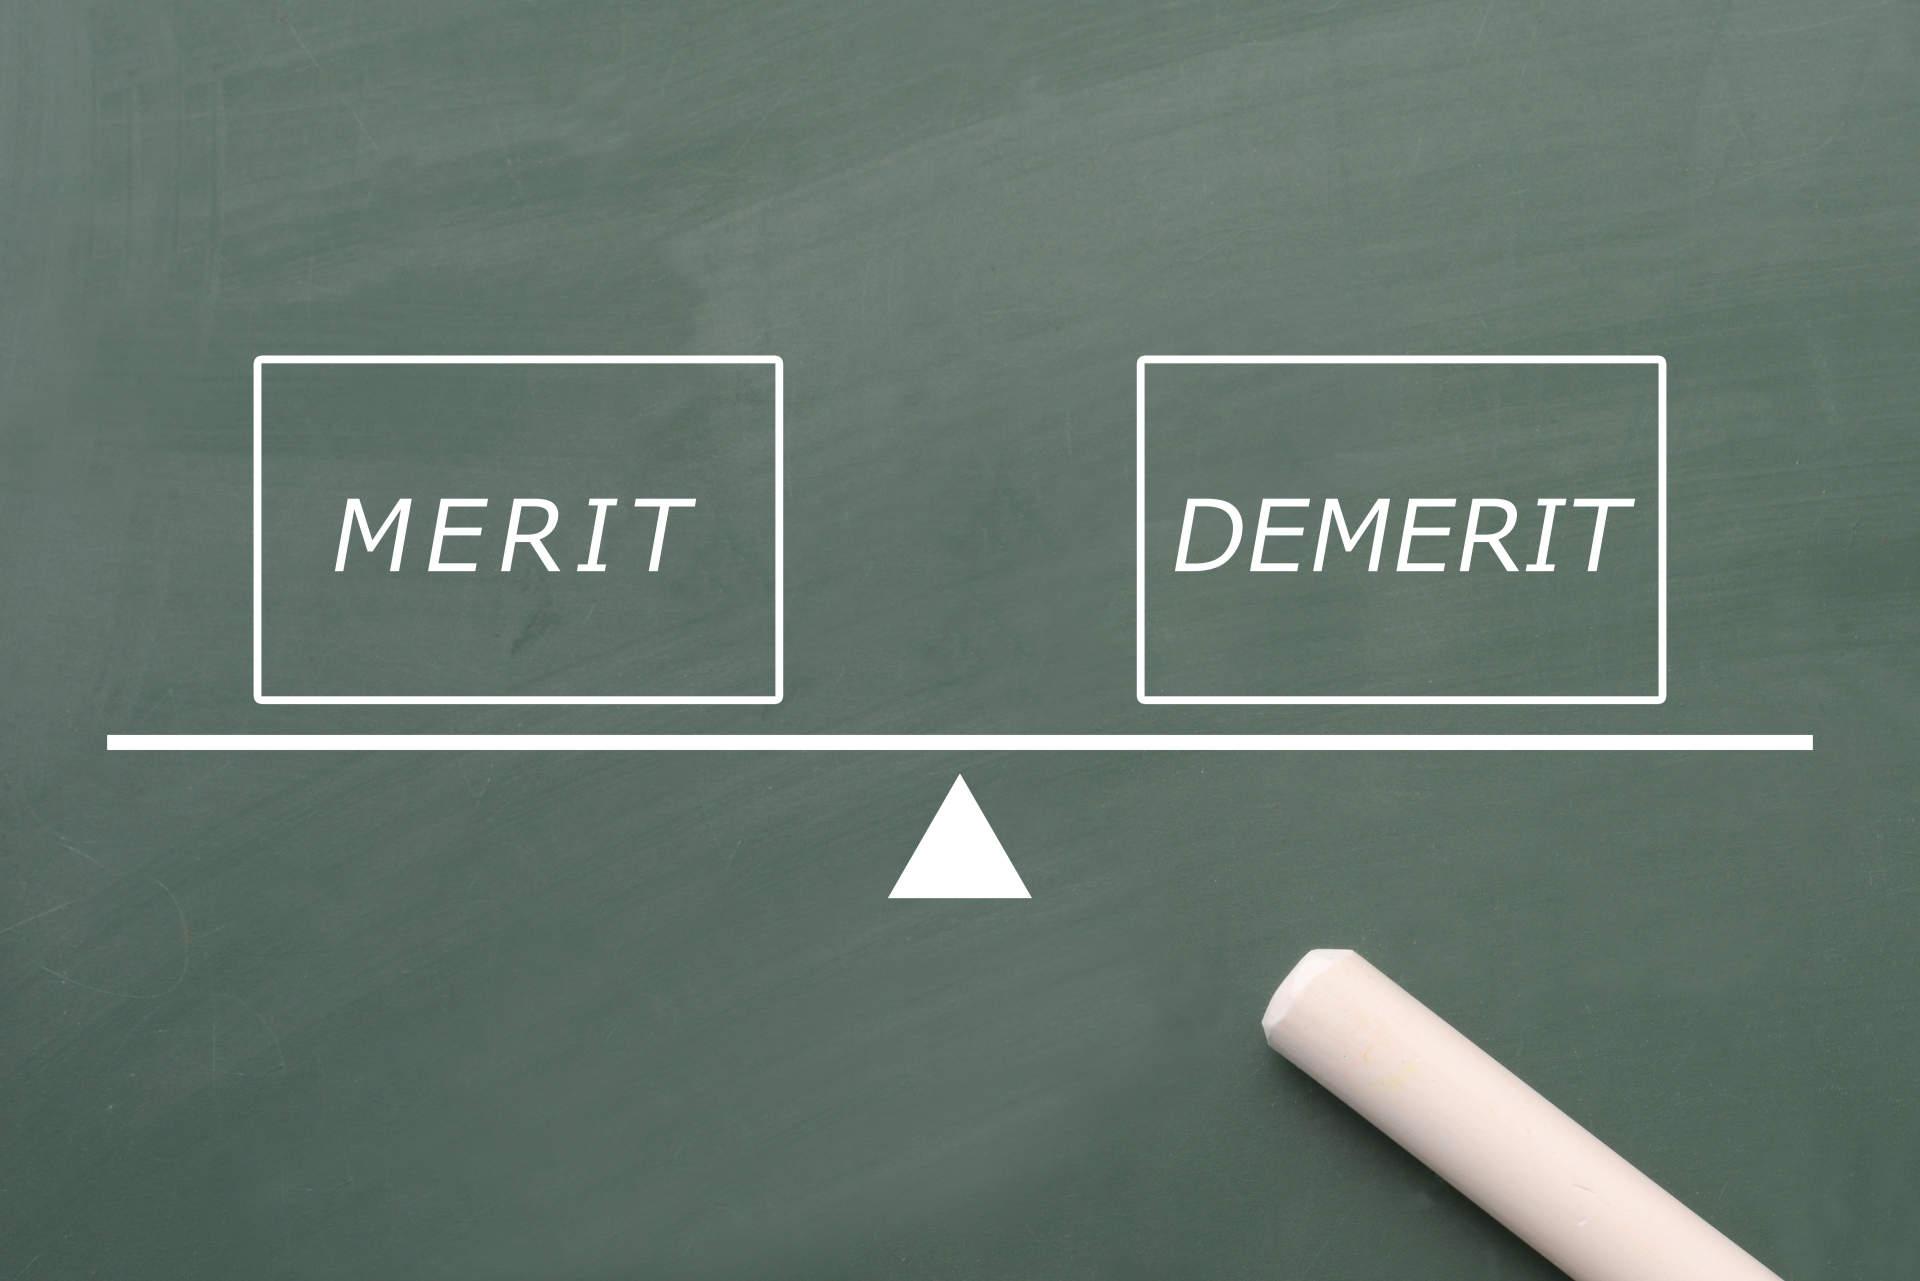 黒板に書かれたメリット、デメリットの文字